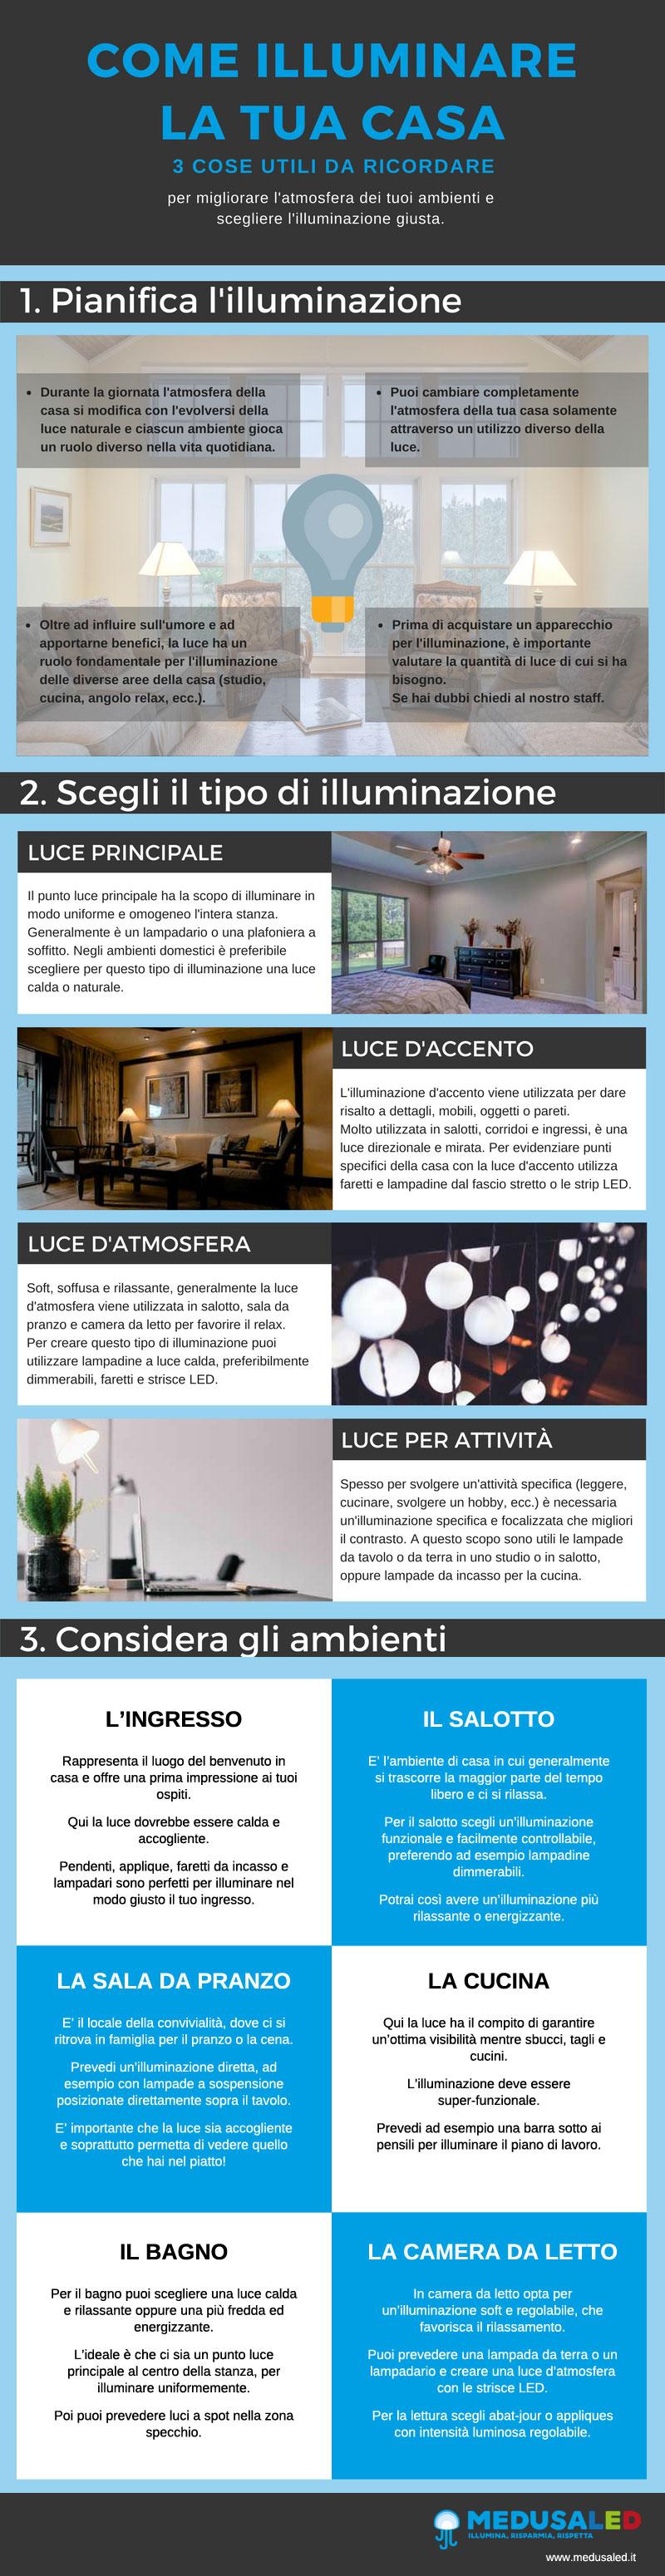 Come illuminare la tua casa